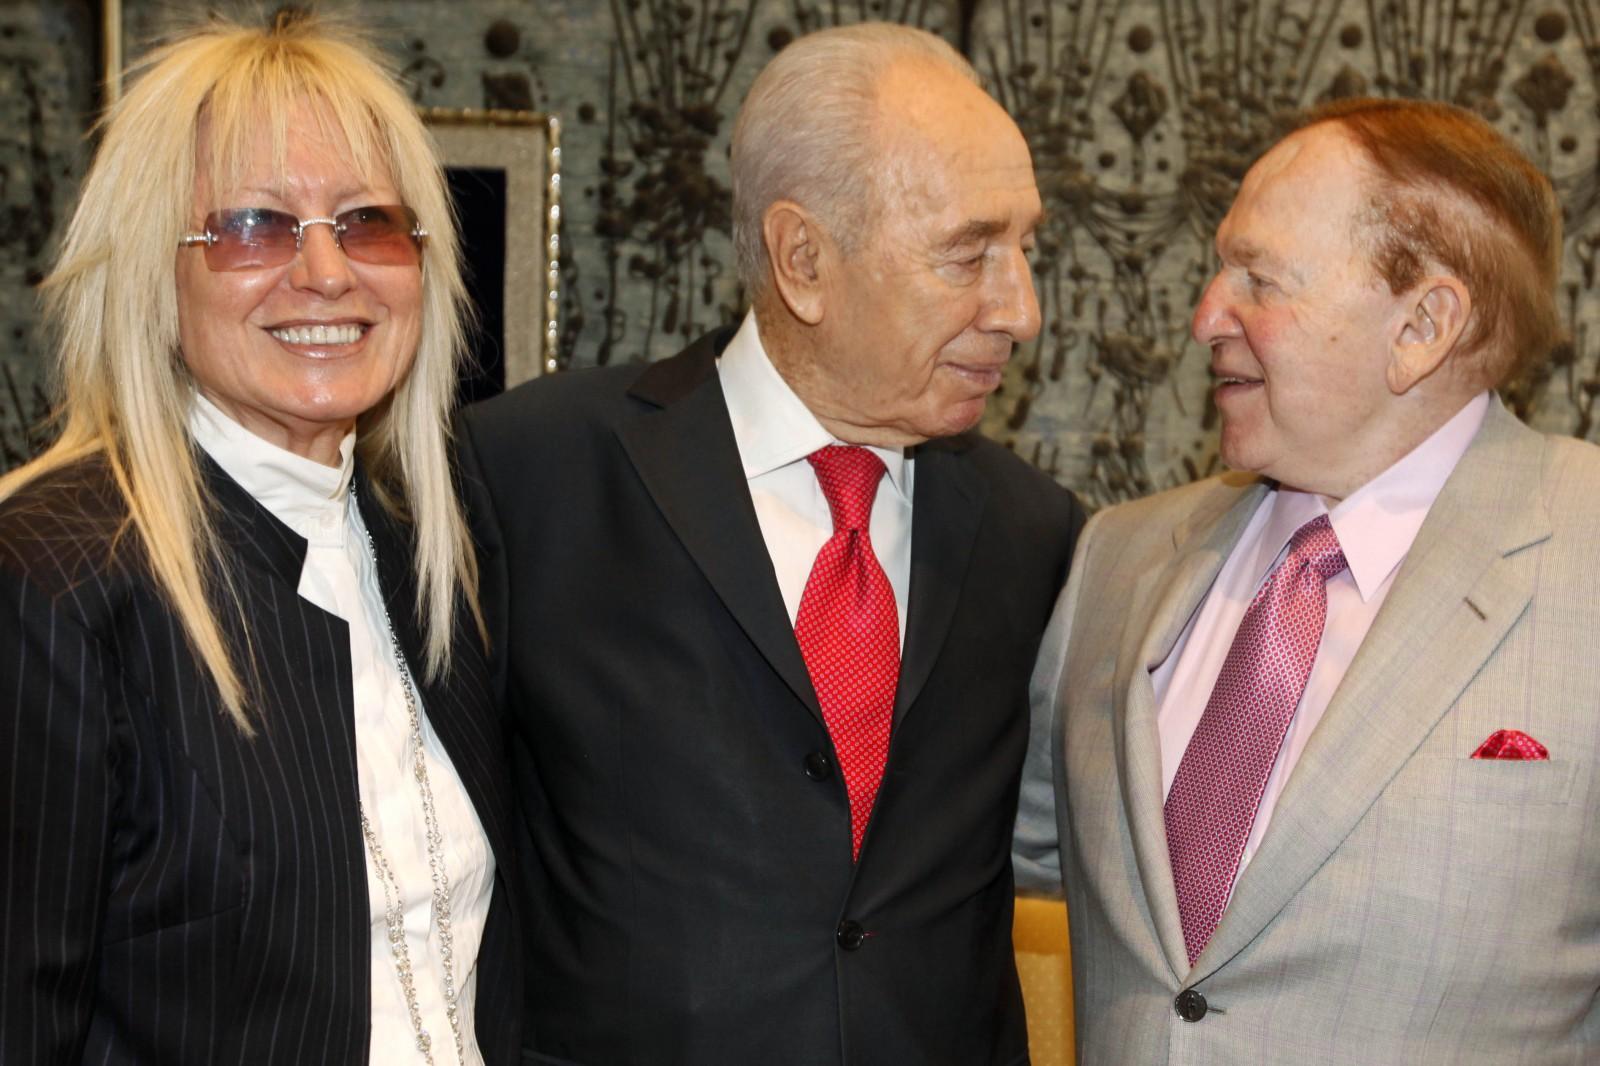 שלדון ומרים אדלסון עם נשיא מדינת ישראל, שמעון פרס, 17.8.11 (צילום: מרים אלסטר)